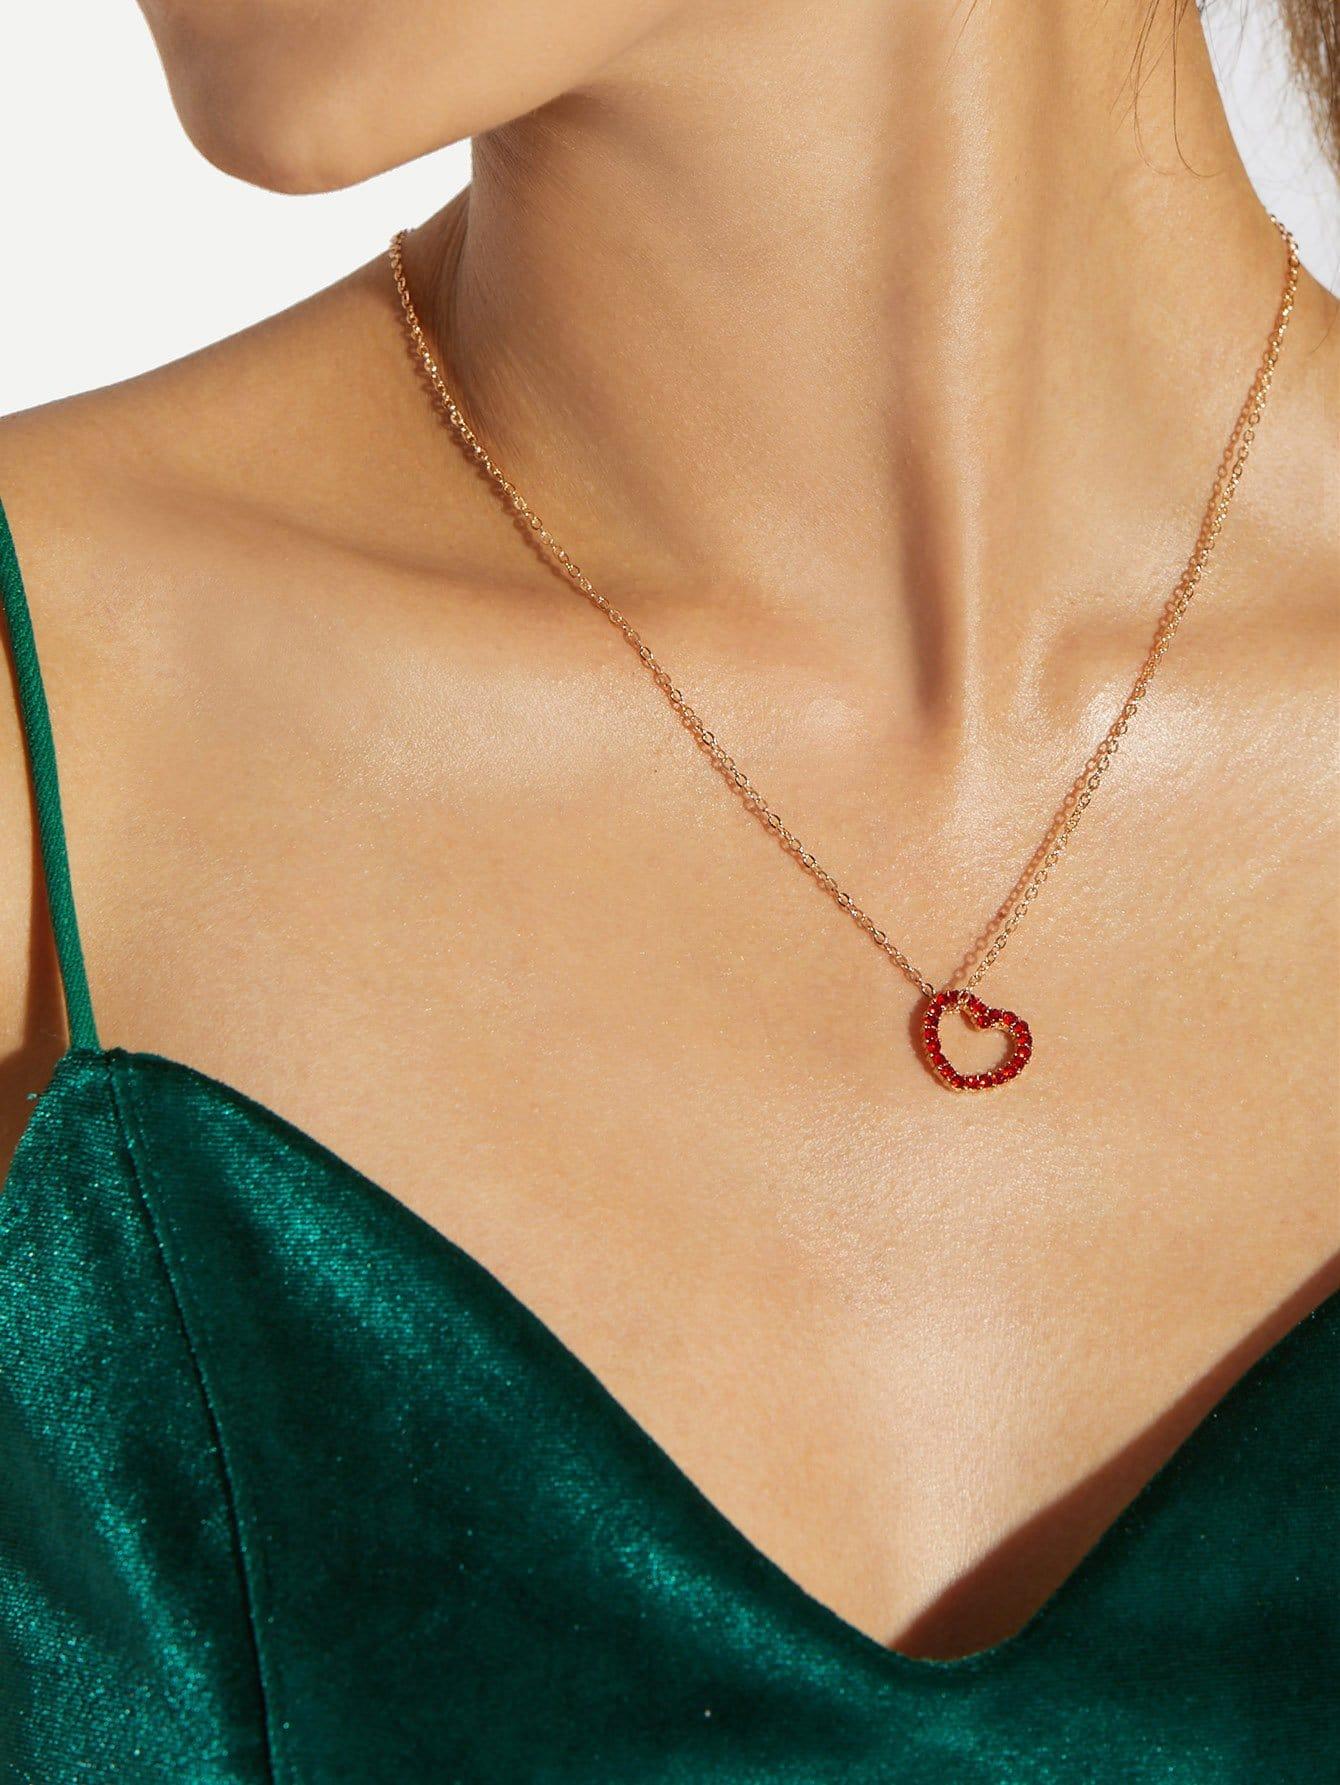 Rhinestone Heart Shaped Pendant Necklace